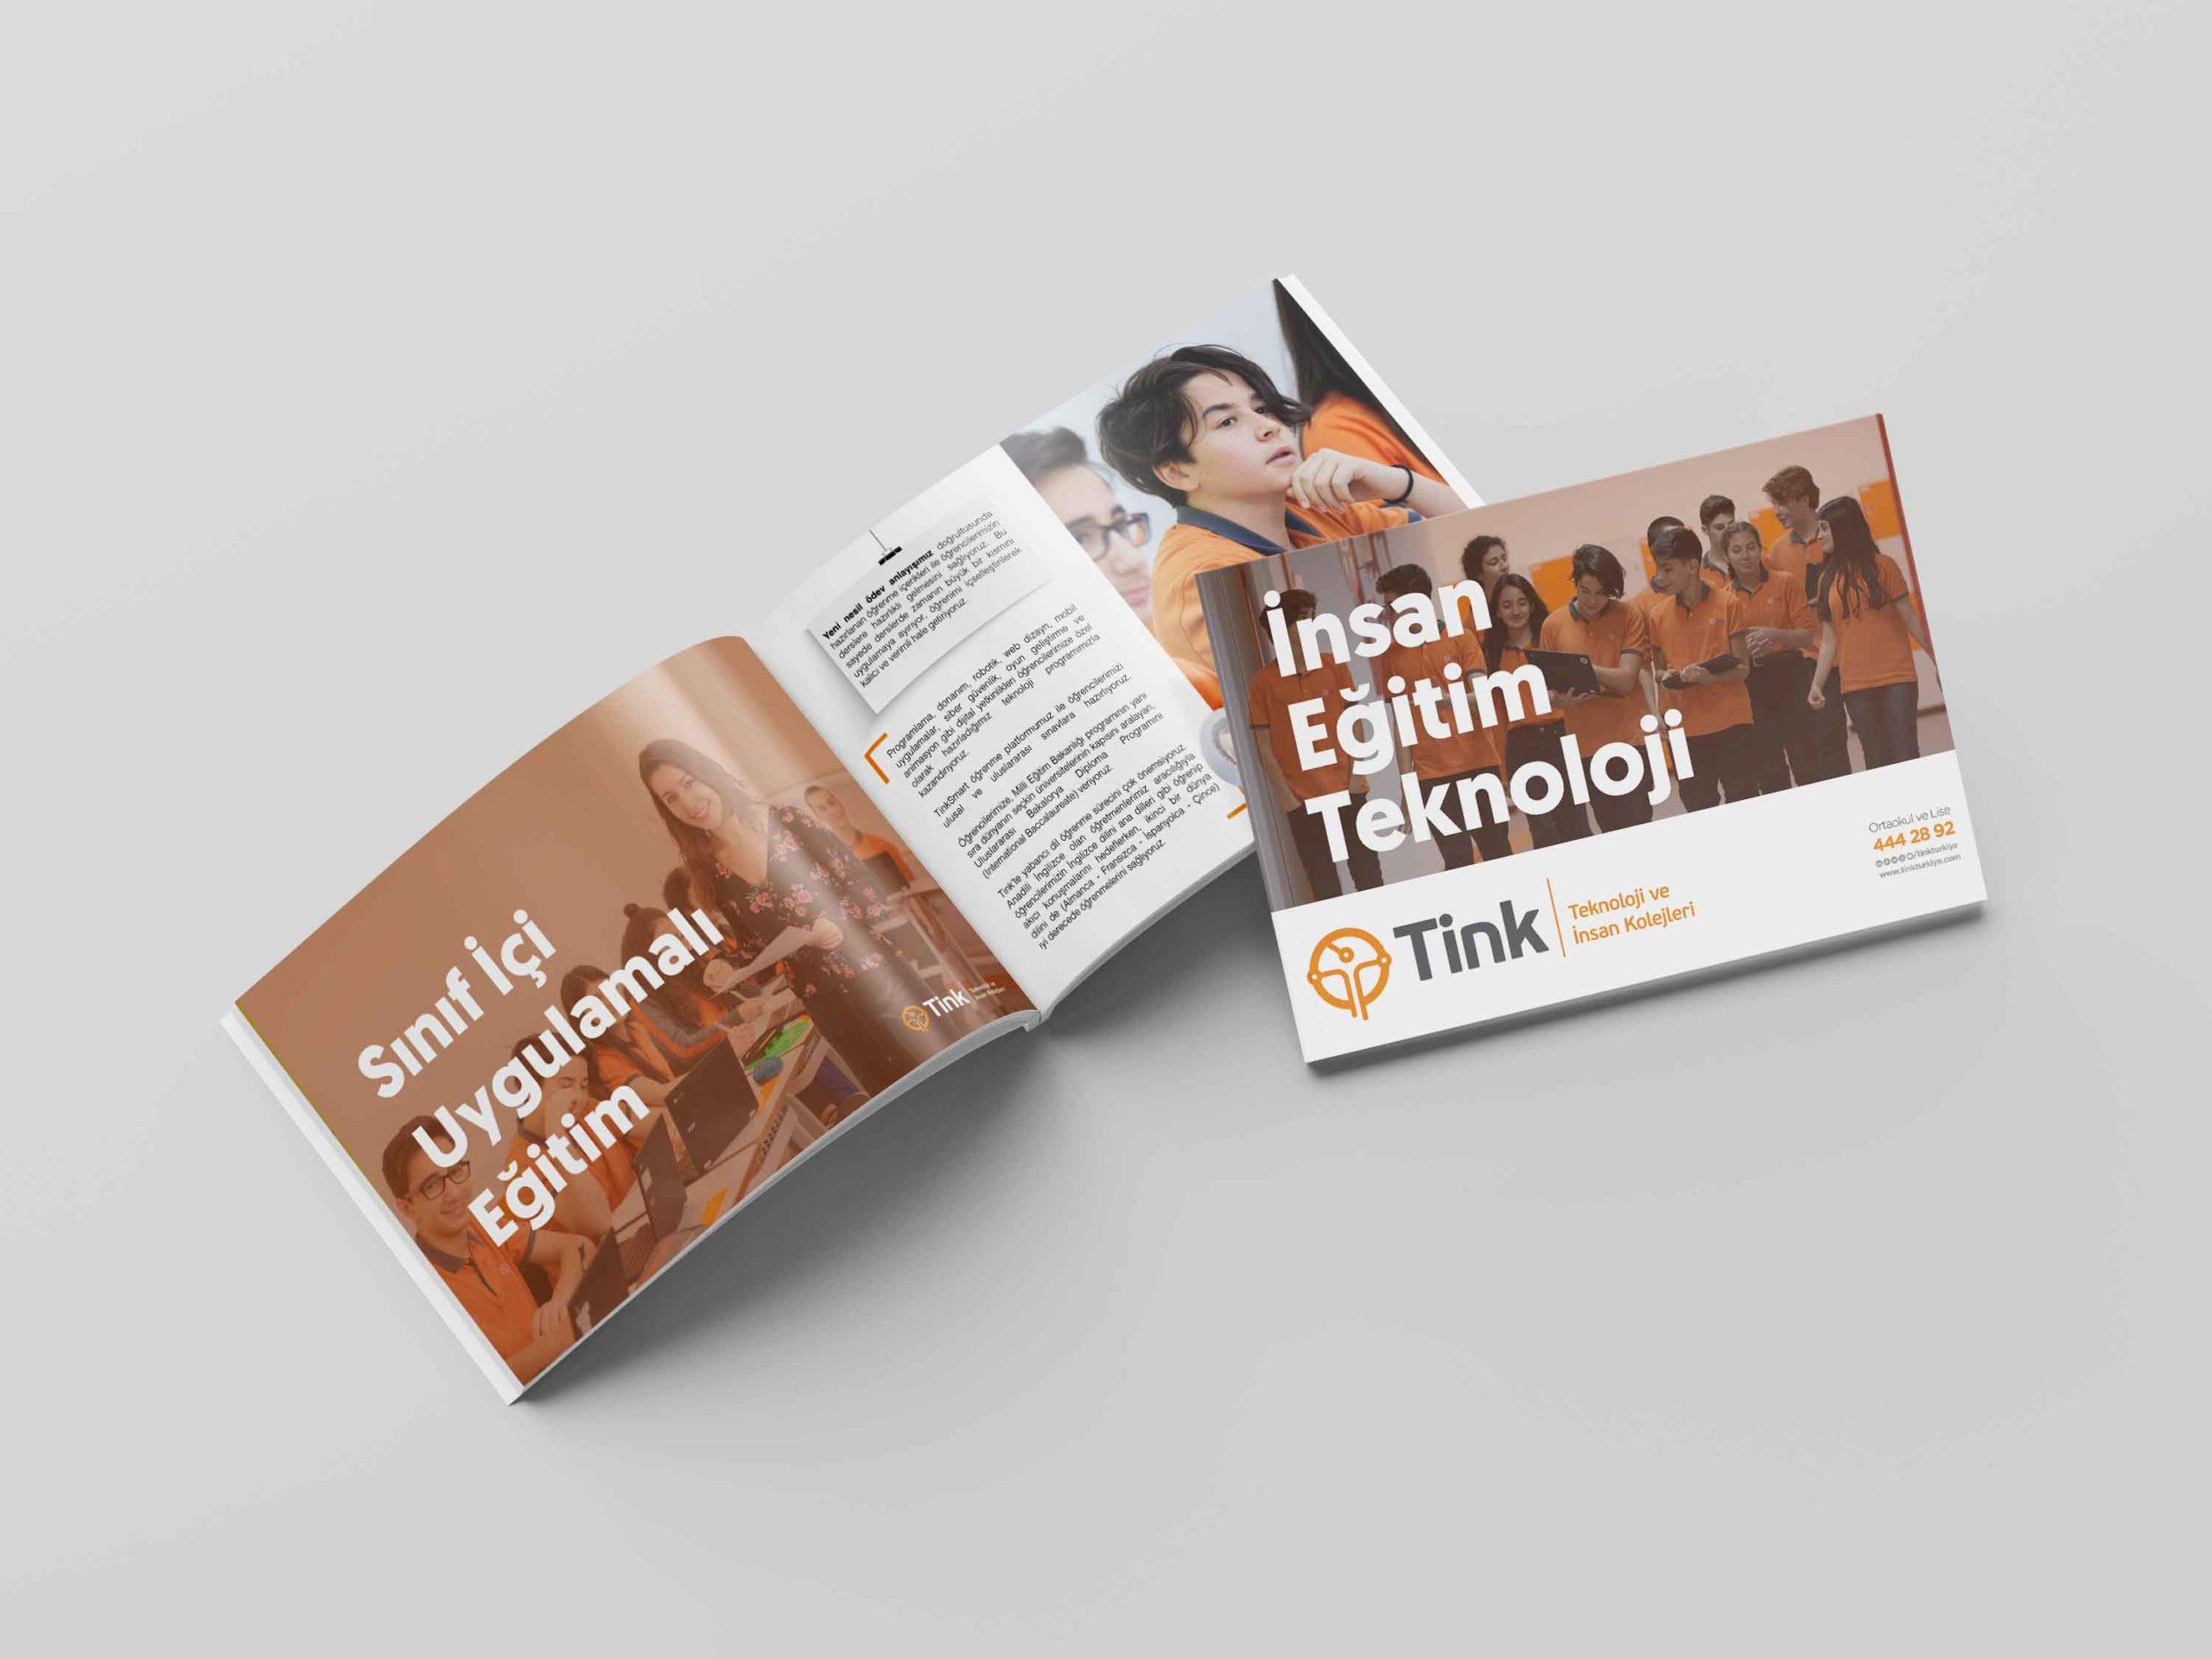 Teknoloji ve İnsan Kolejleri